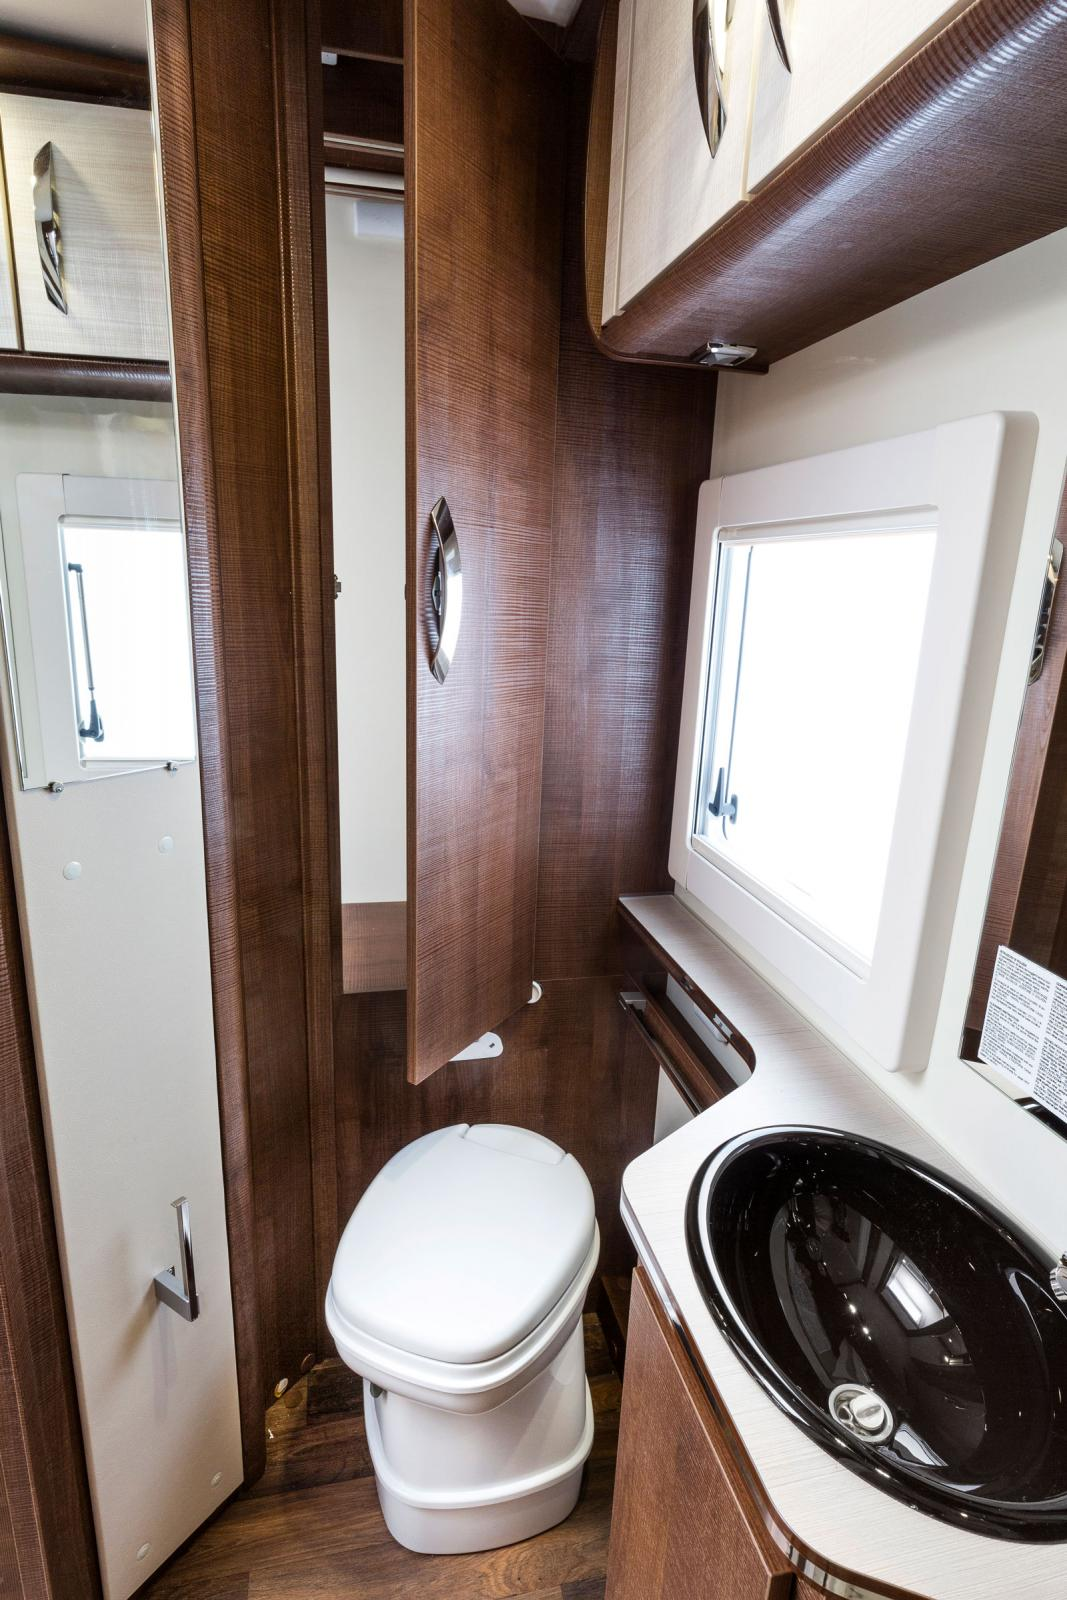 Badrummet är rymligt och det går även att nå garderoben härifrån. Tvålkopp och tandborstmugg förhöjer stämningen.